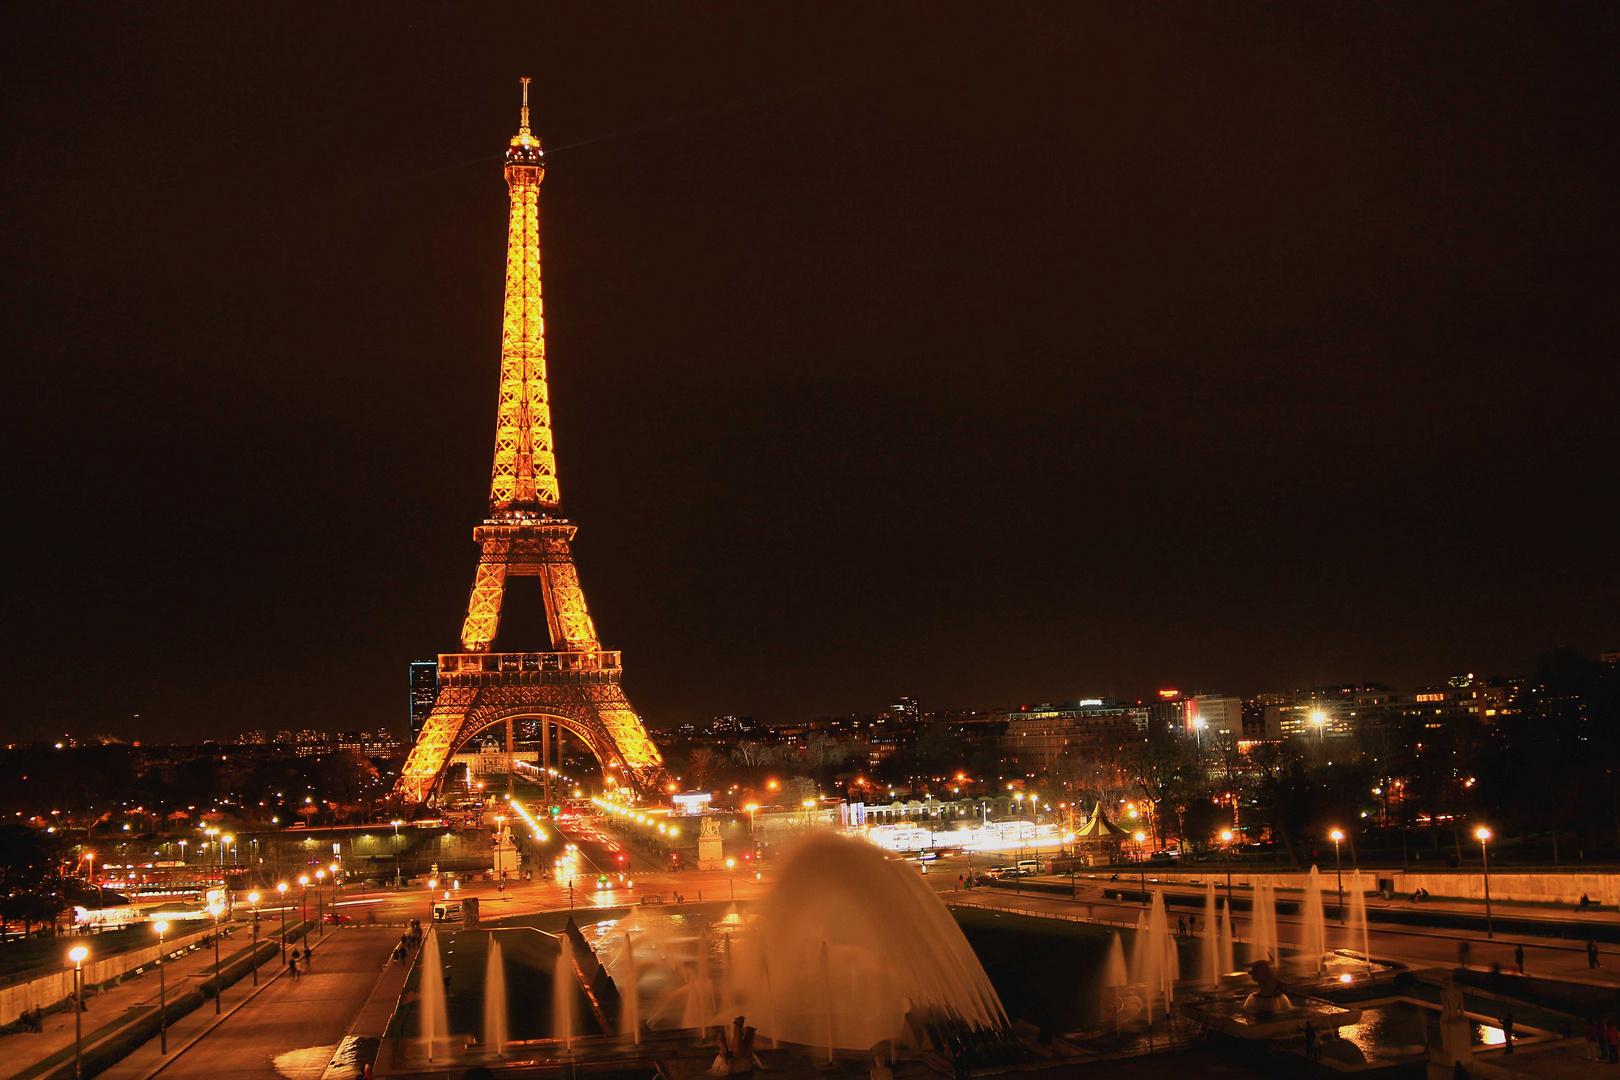 Eiffeltürmchen in der Nacht